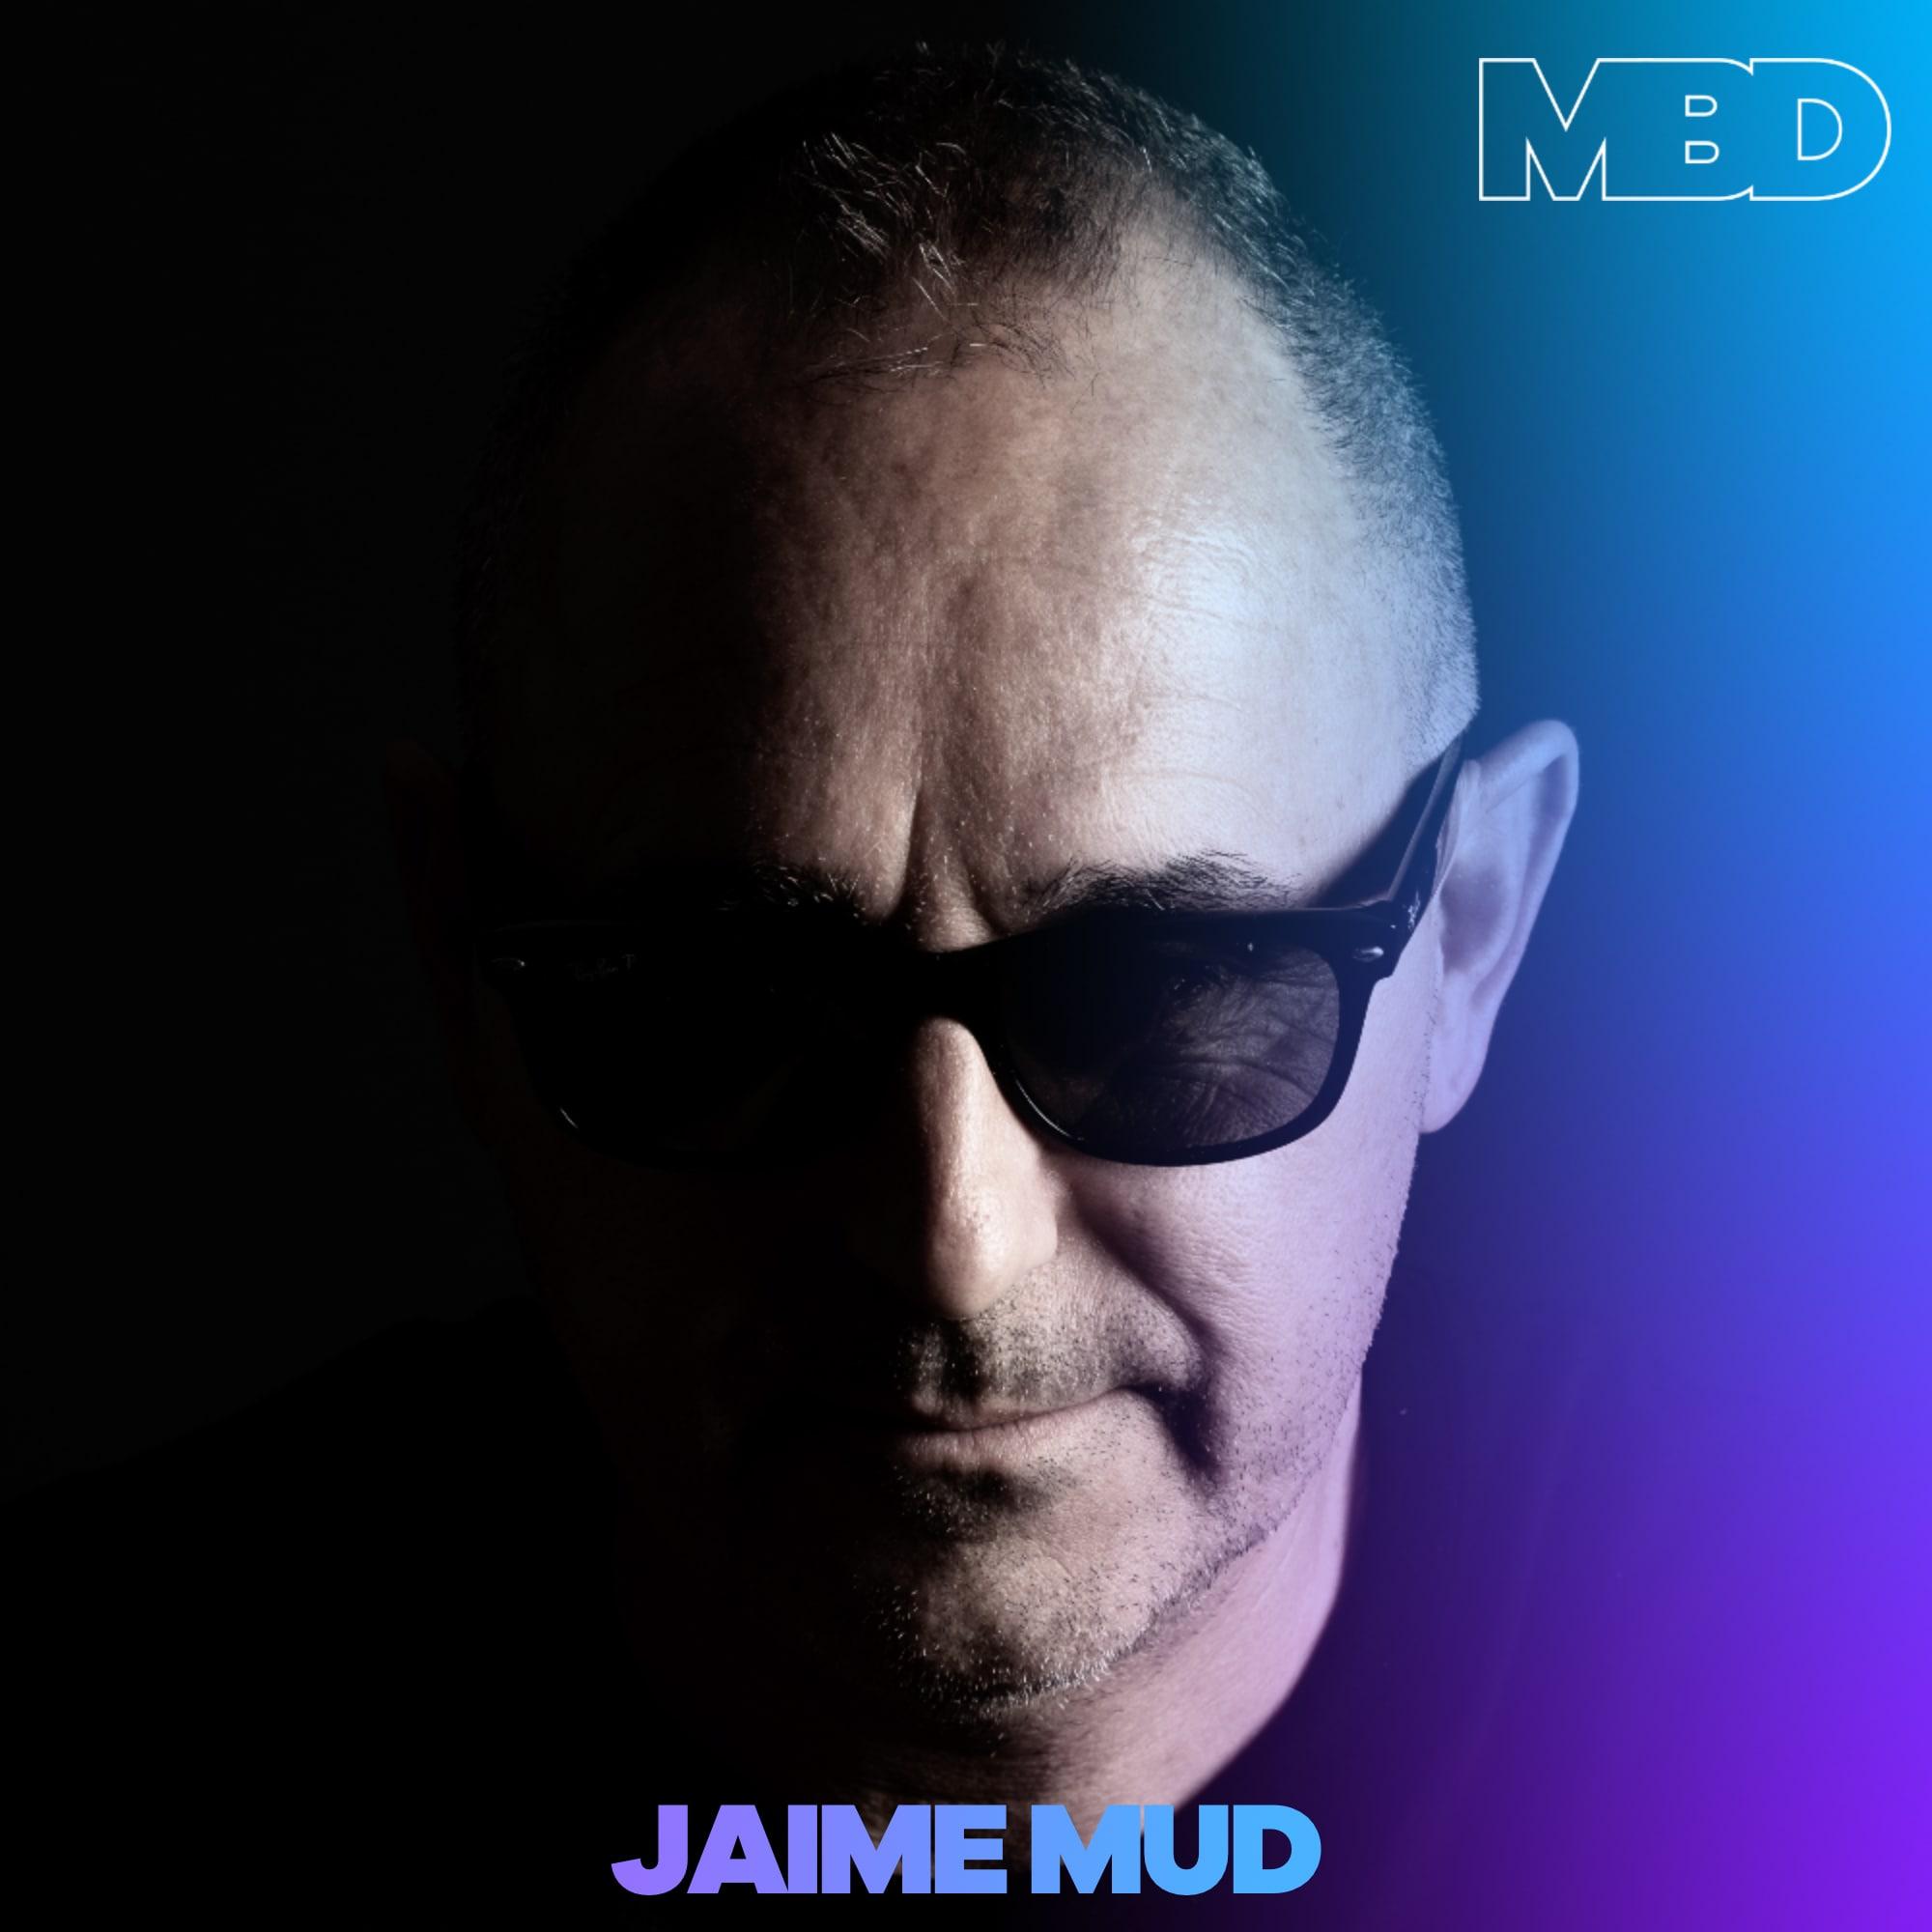 Jaime Mud